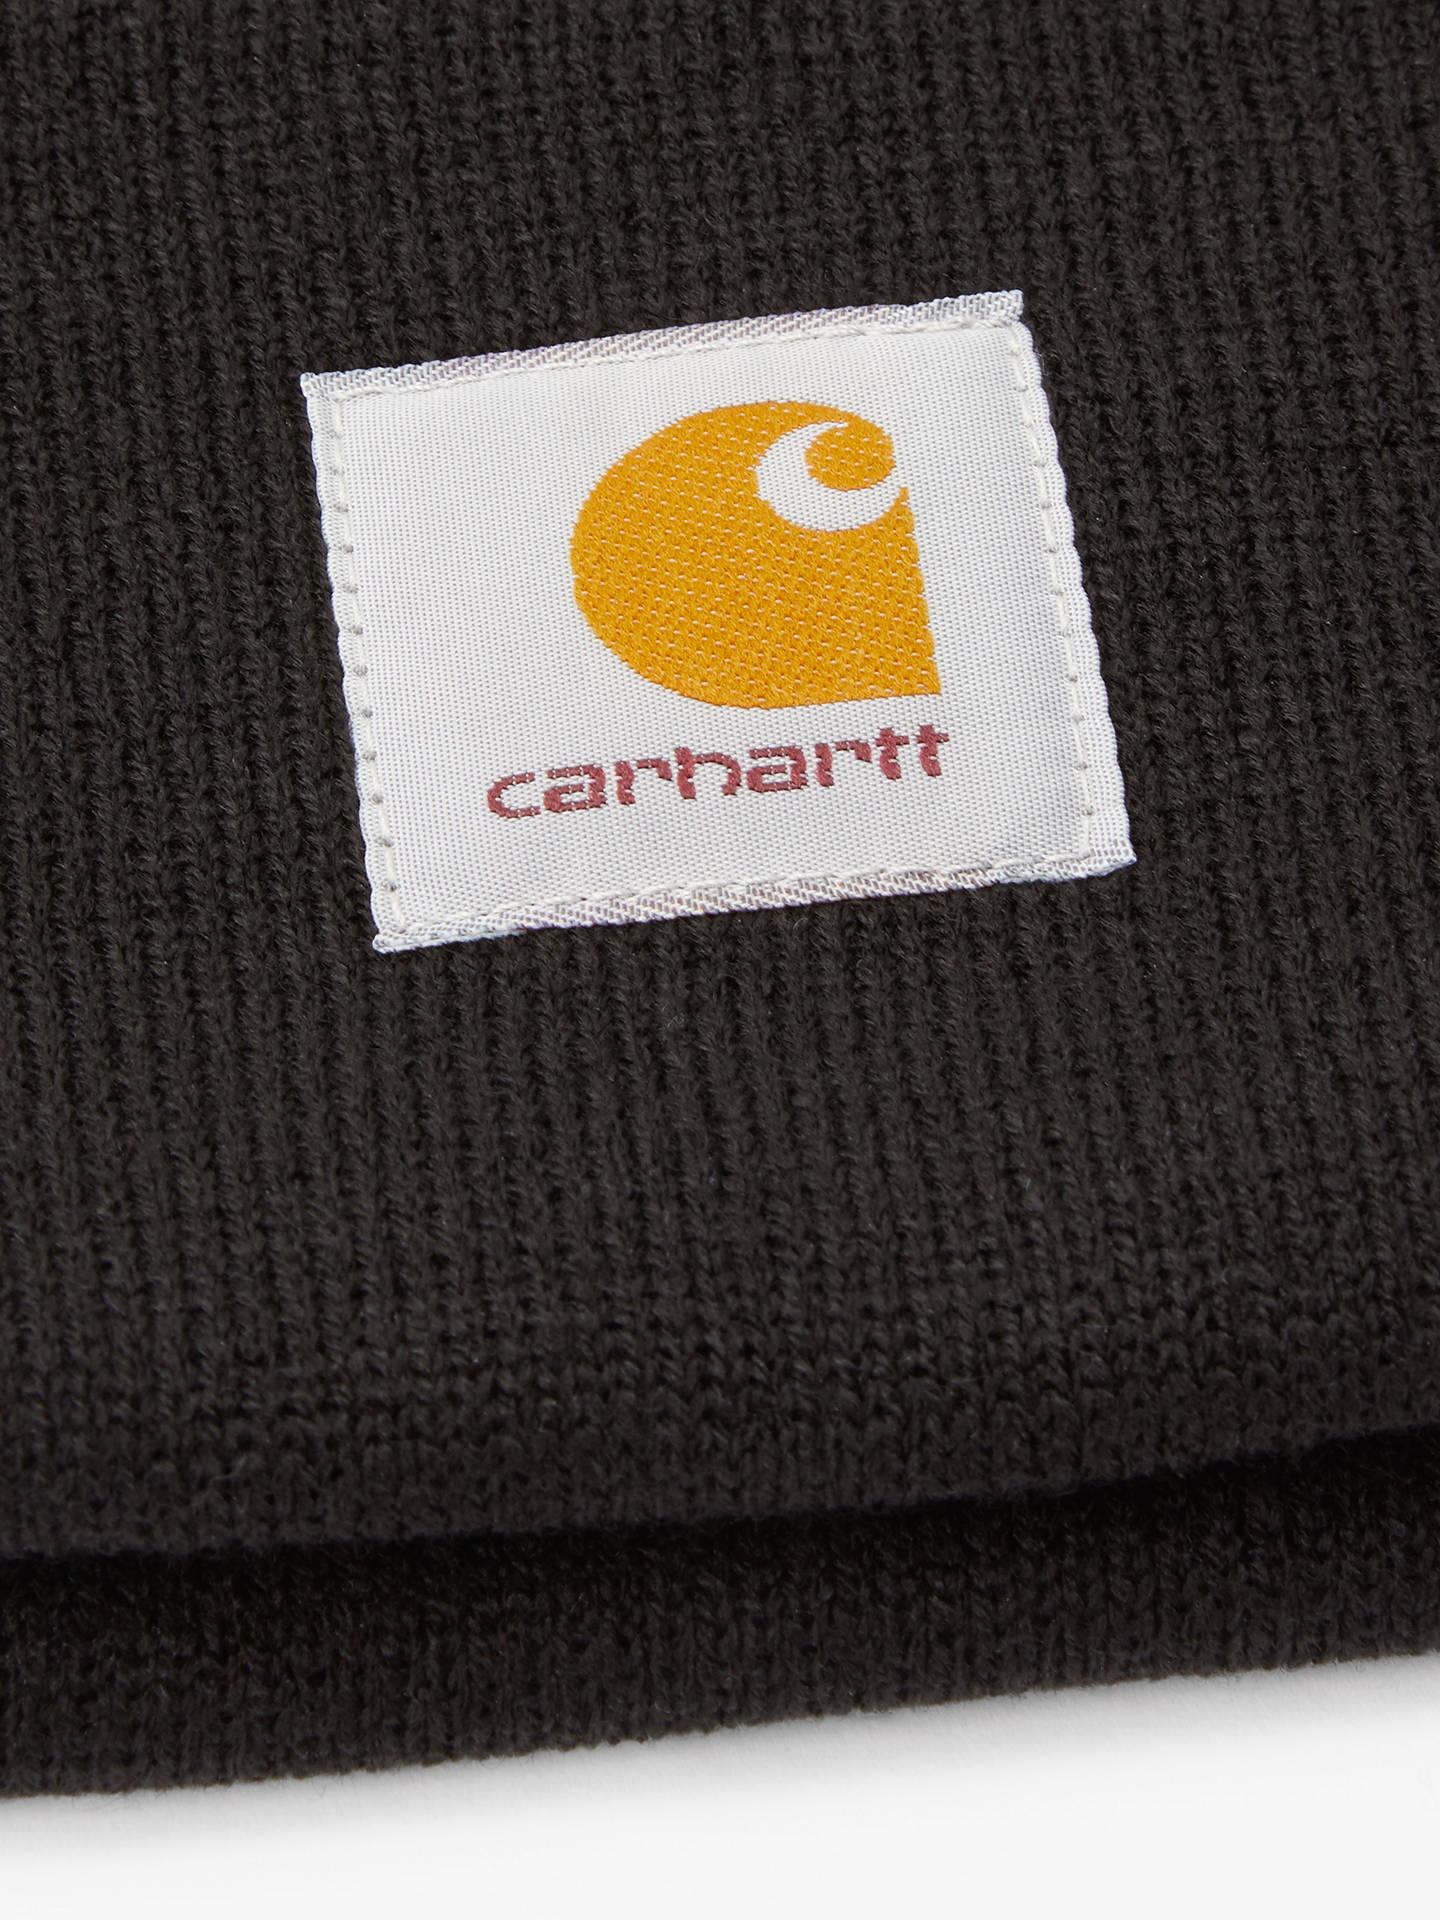 03e783a12b213 Carhartt WIP Watch Beanie at John Lewis   Partners